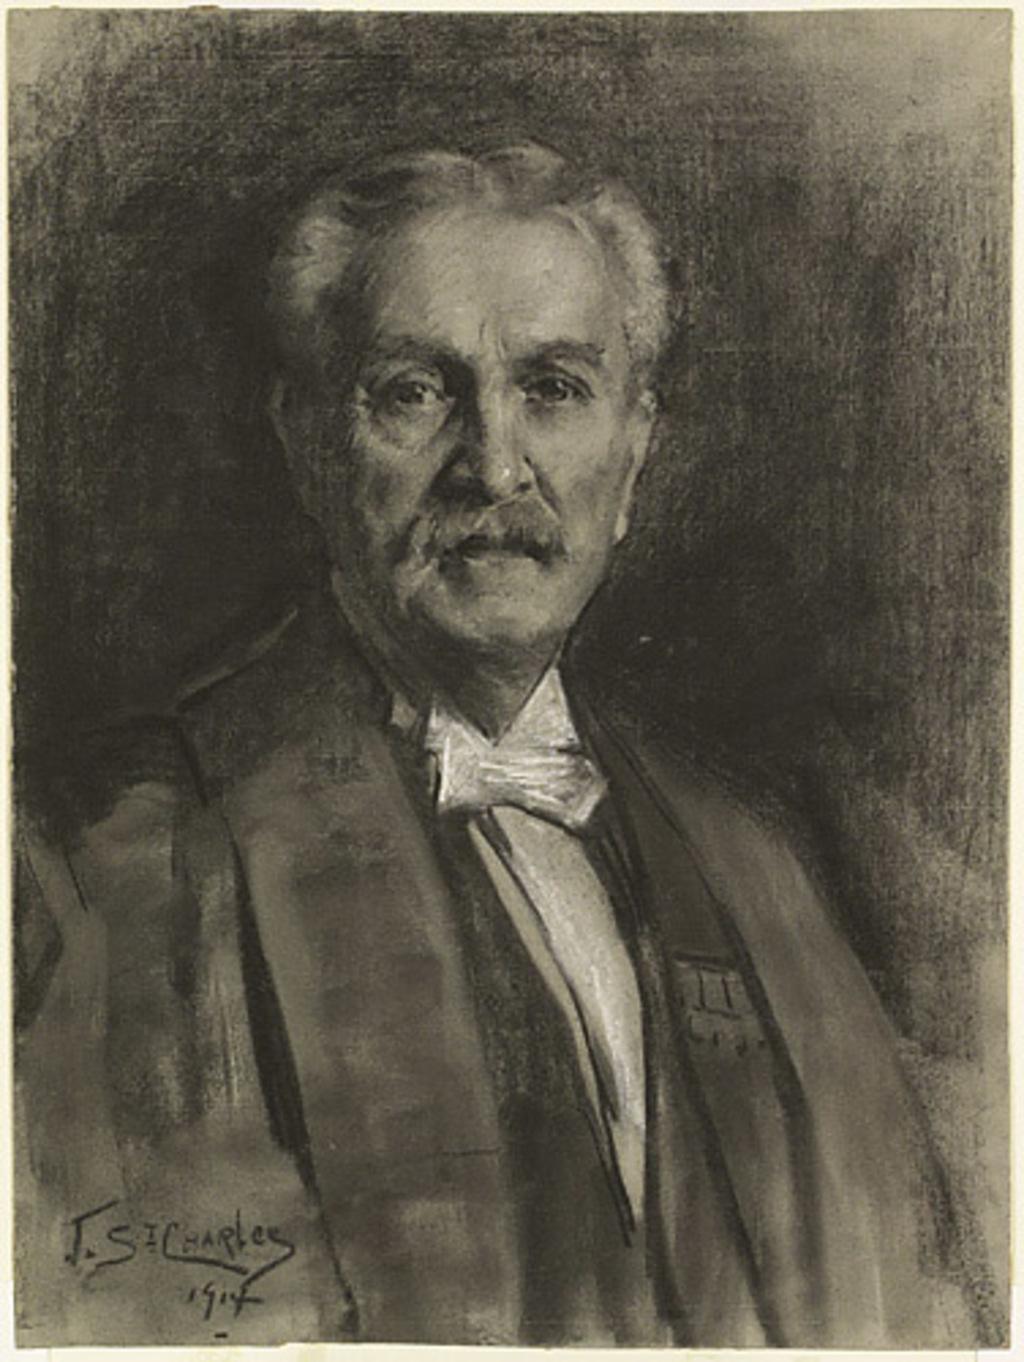 Le Sénateur Auguste Charles Philippe Robert Landry